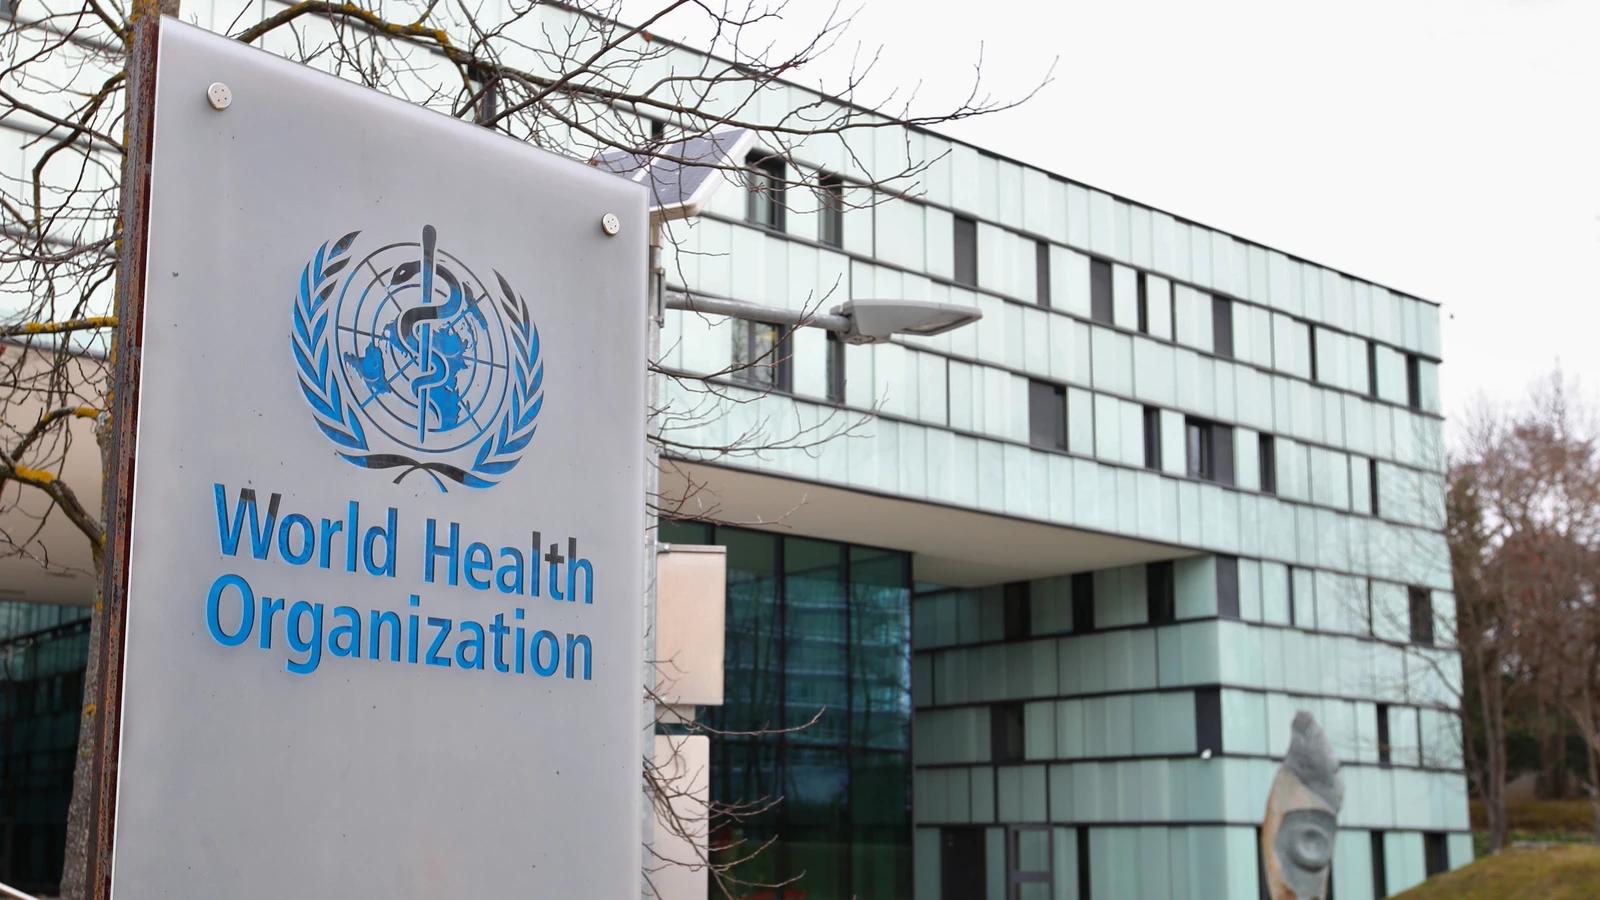 Auditoria vê irregularidades em licitações da OMS na pandemia